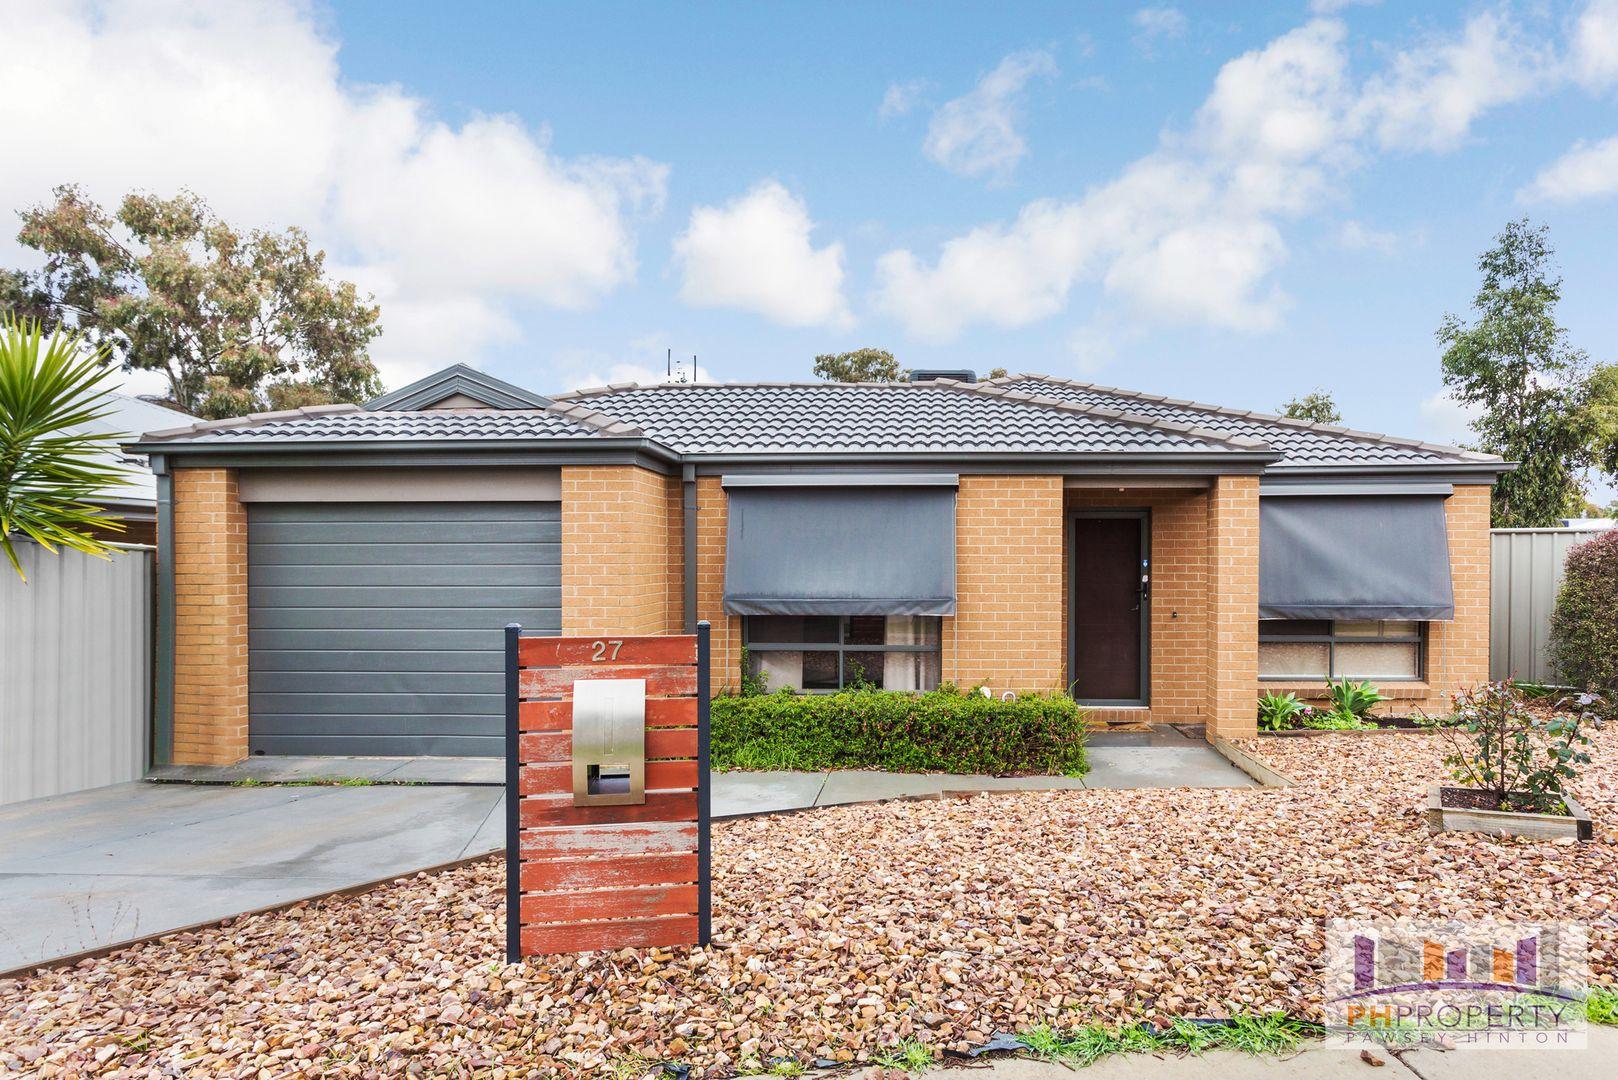 27 Freeman Drive, Kangaroo Flat VIC 3555, Image 0